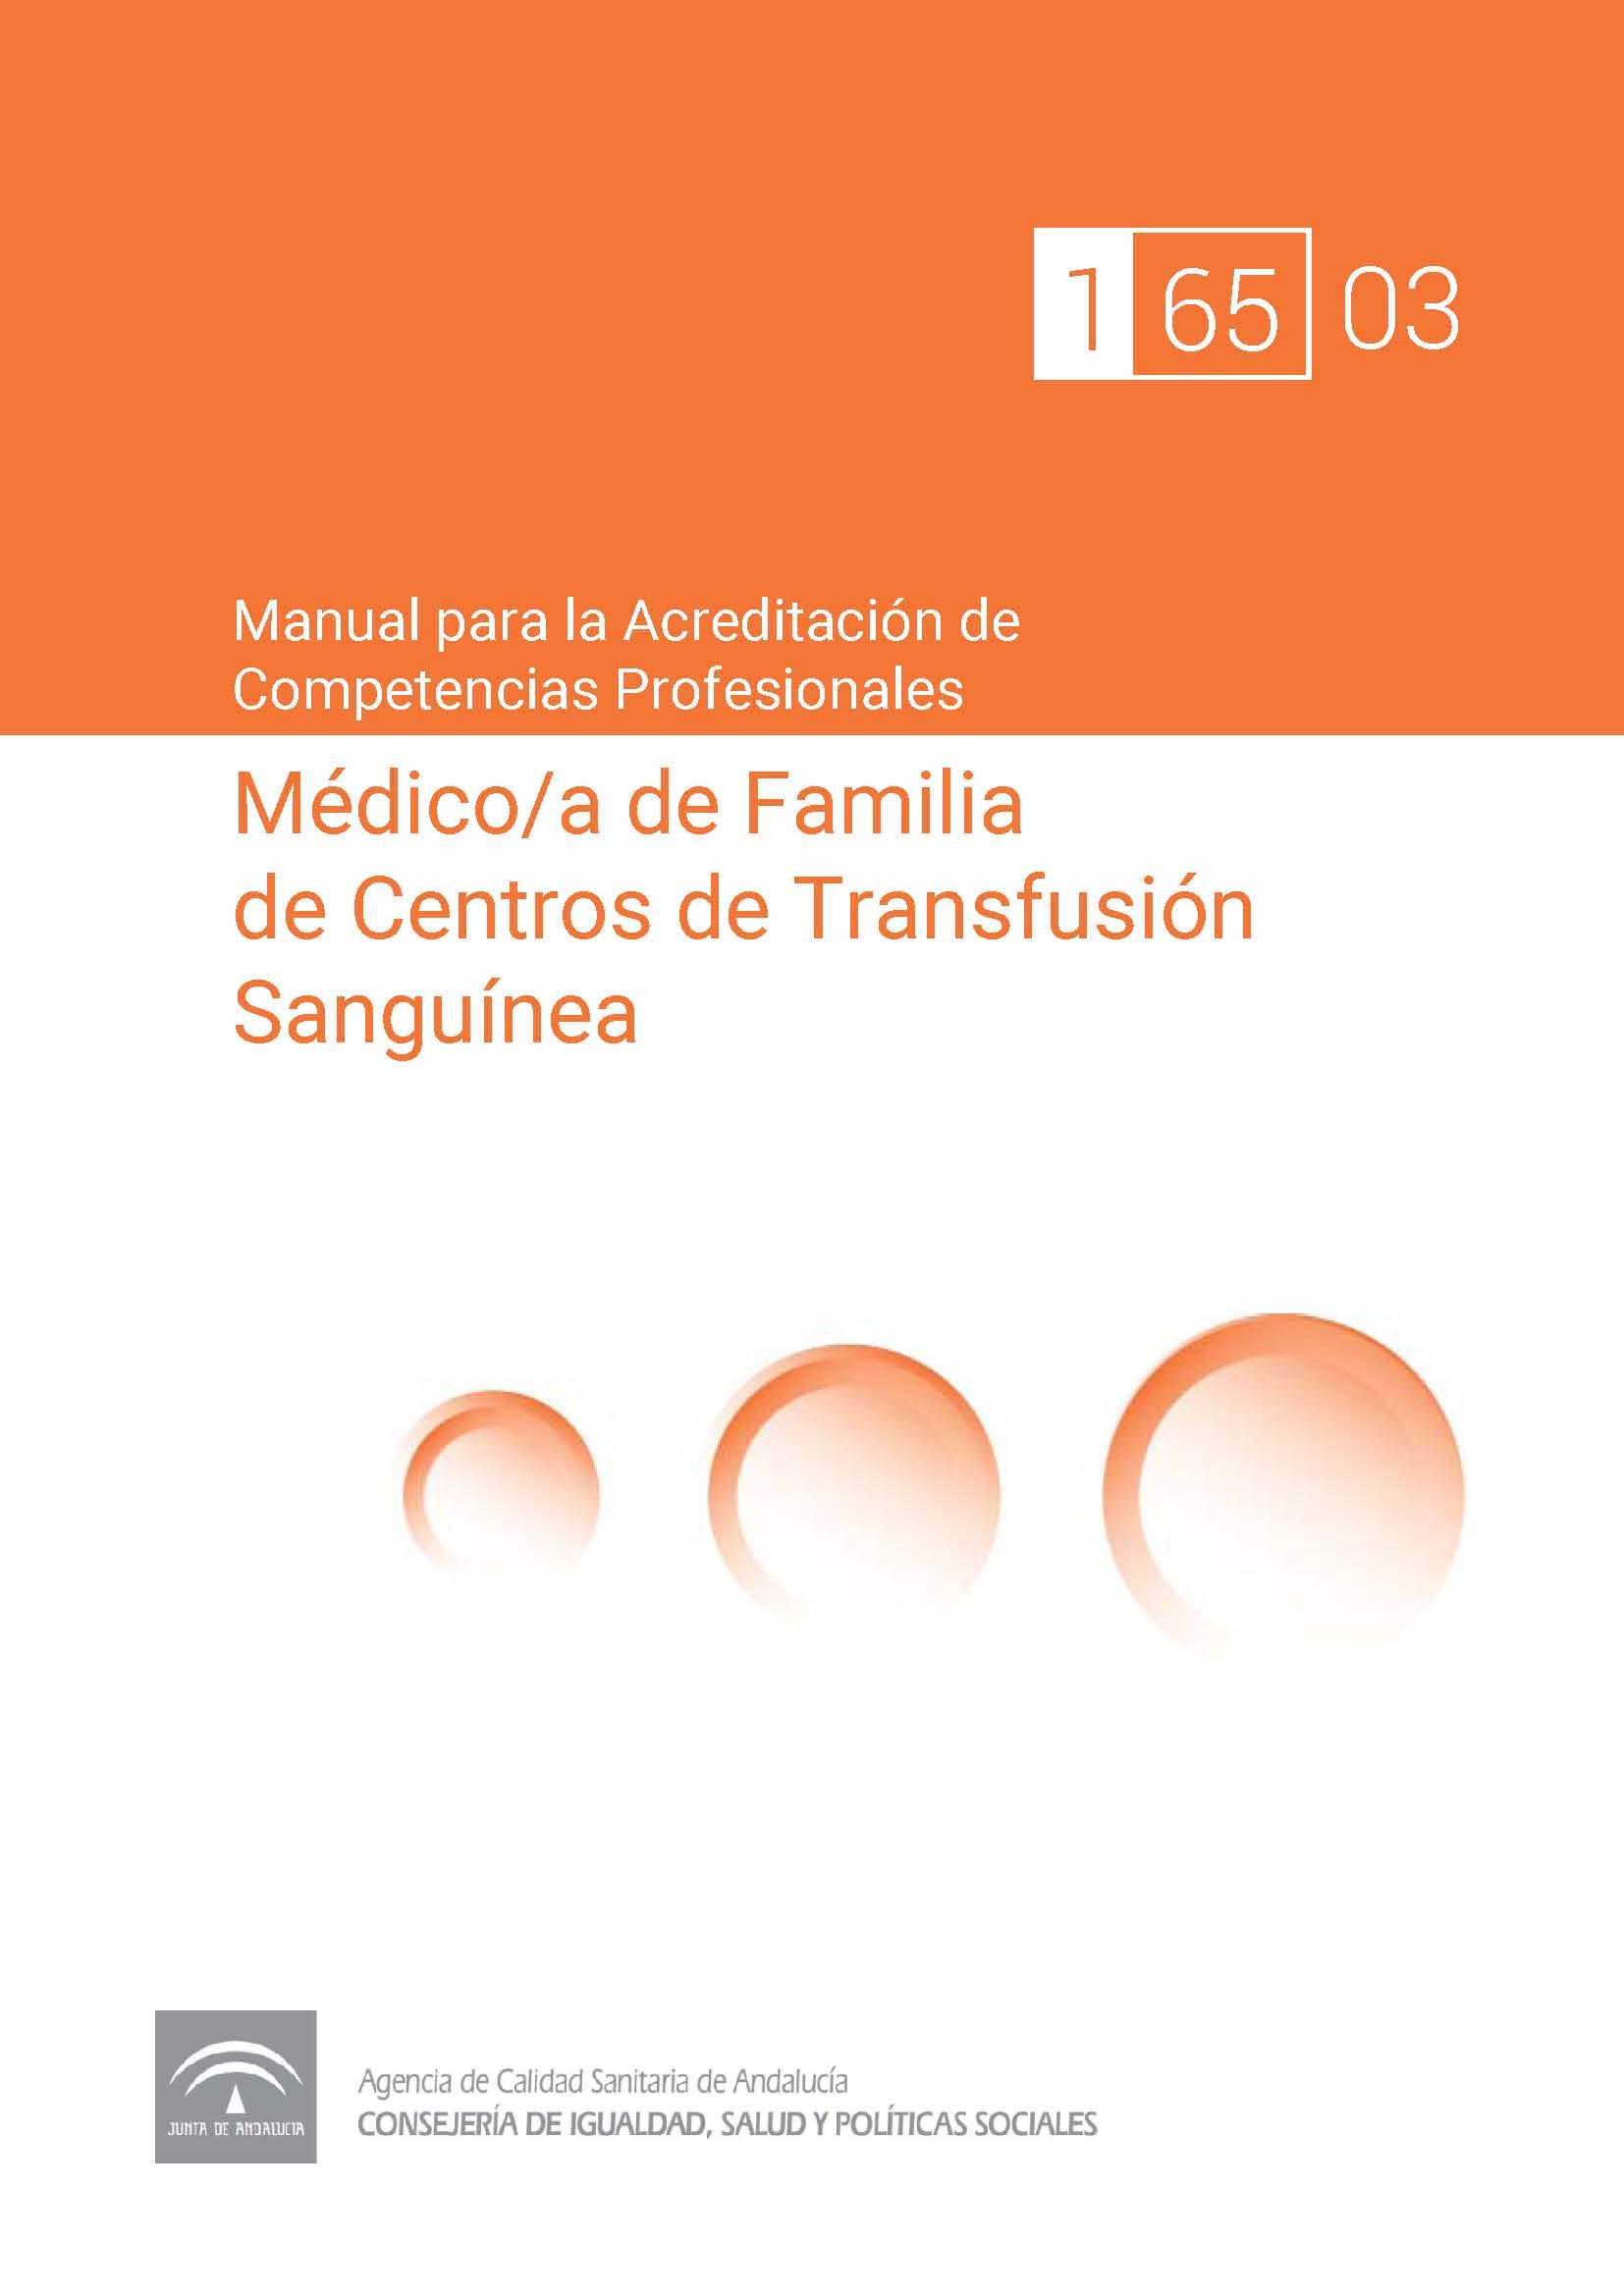 Manual de competencias profesionales del/de la Médico/a de Familia de Centros de Transfusión Sanguínea